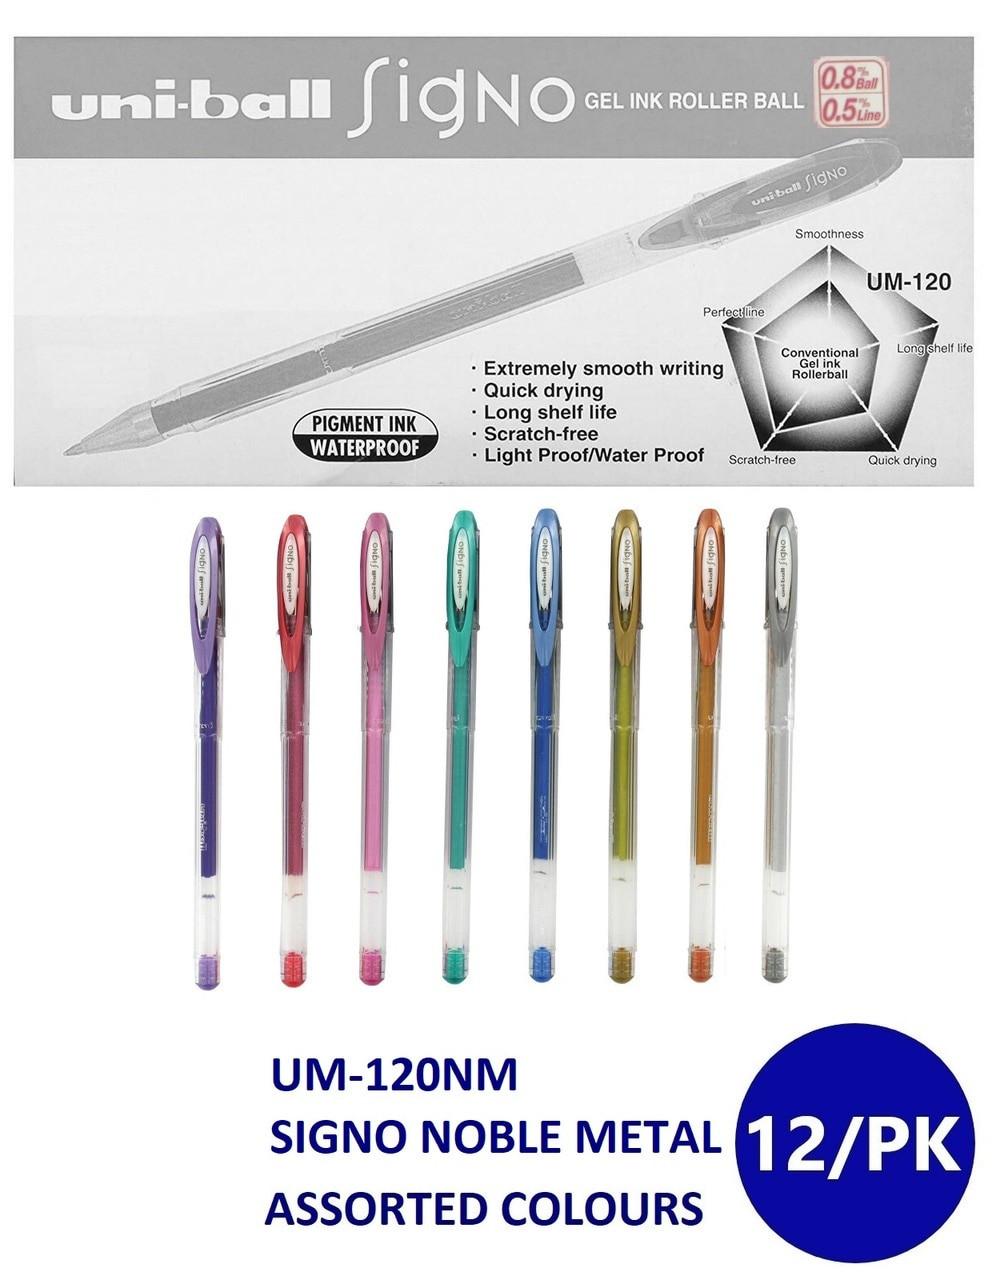 Mitsubishi Uni-ball Signo Noble Metal Metallic Gel Pen 0.8 mm Pink UM-120NM